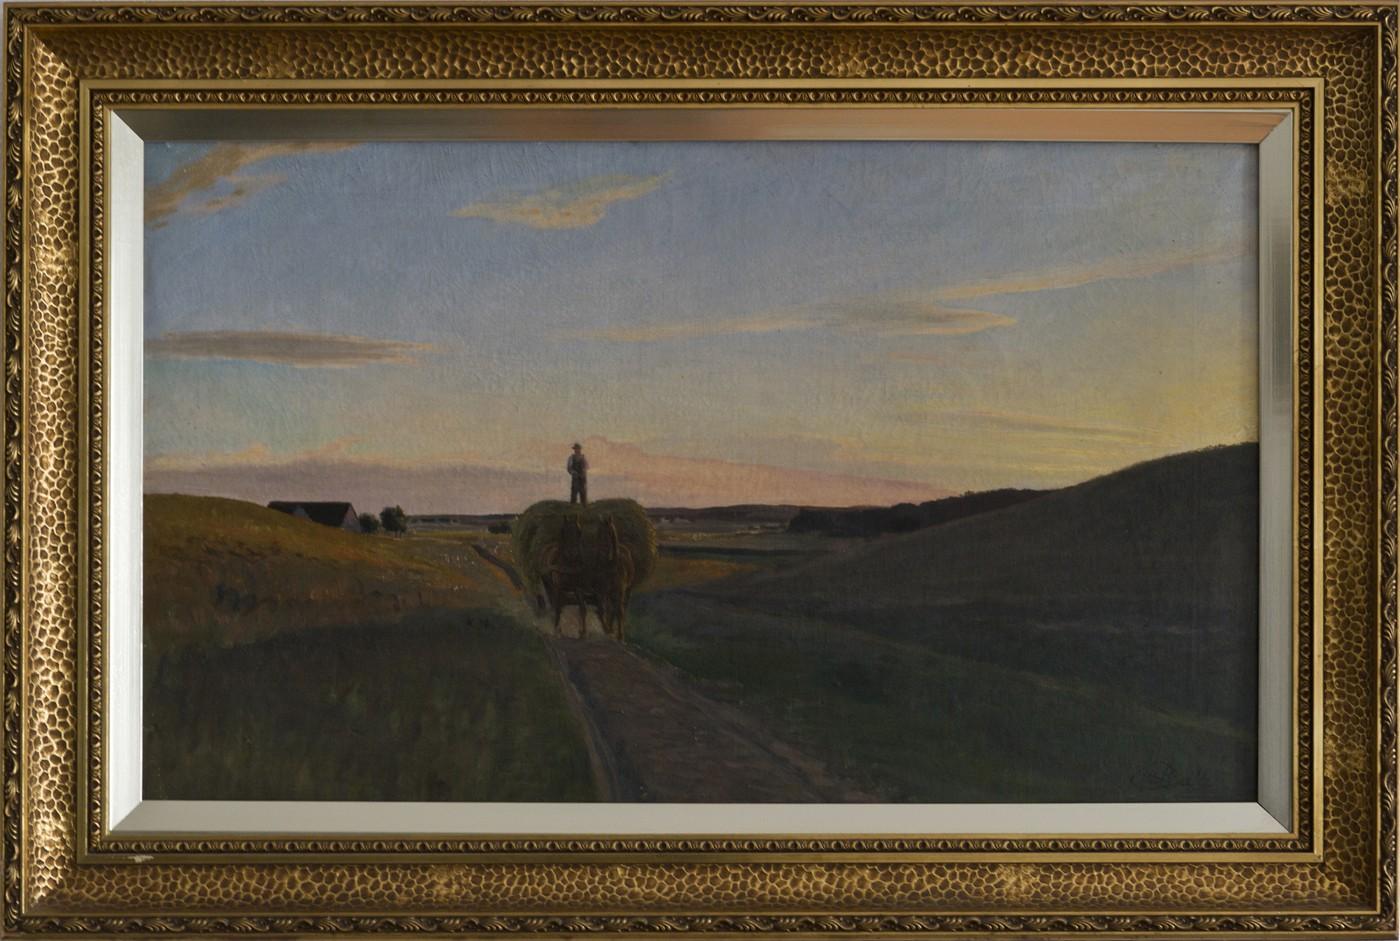 VERKAUFT! - Bauer mit Heuwagen am Abend (1901)